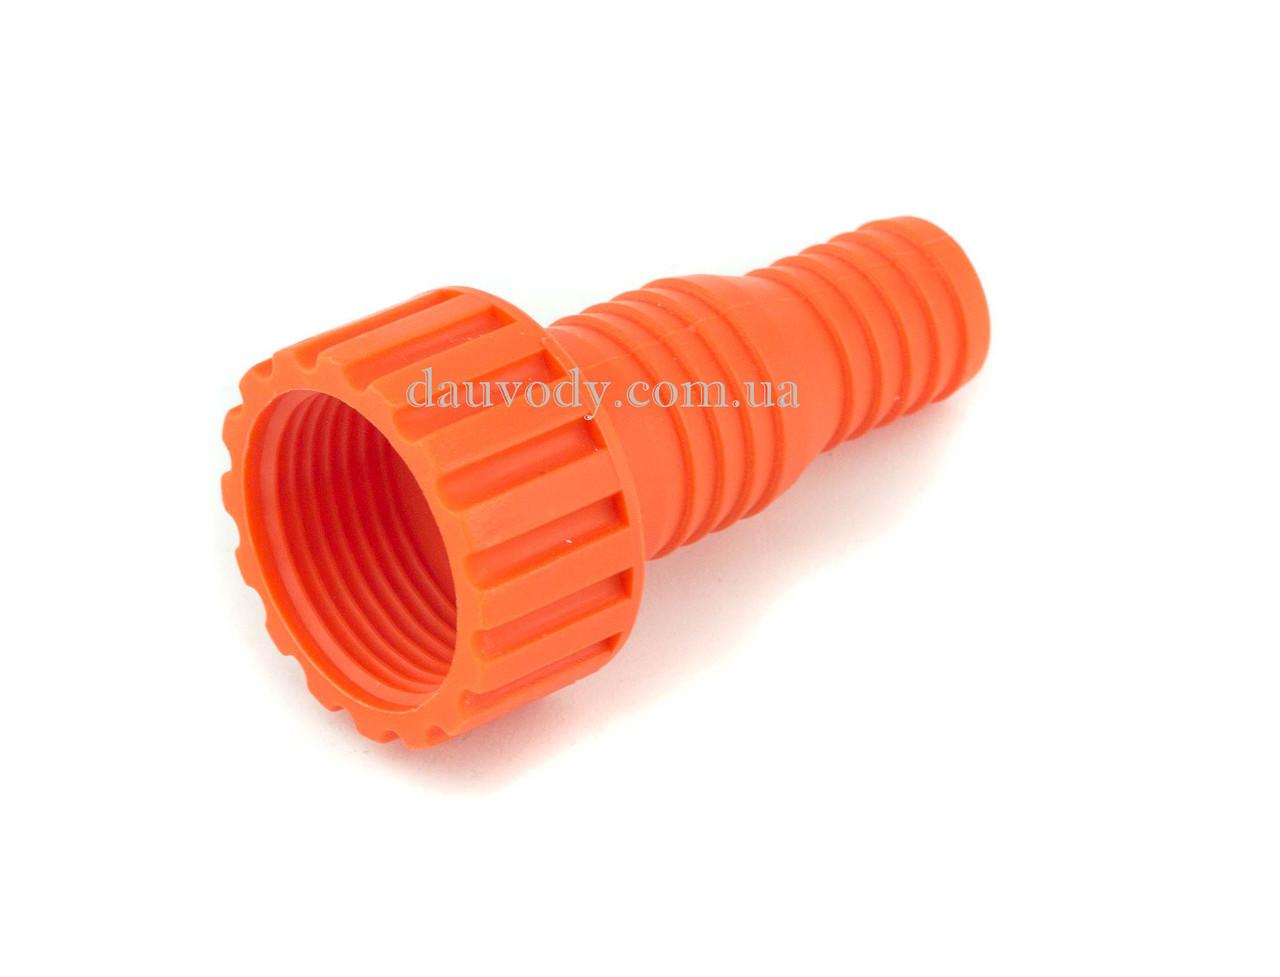 """Штуцер пластиковый 1""""х 20-25 мм резьба внутренняя универсальный для шланга 3/4""""-1"""""""